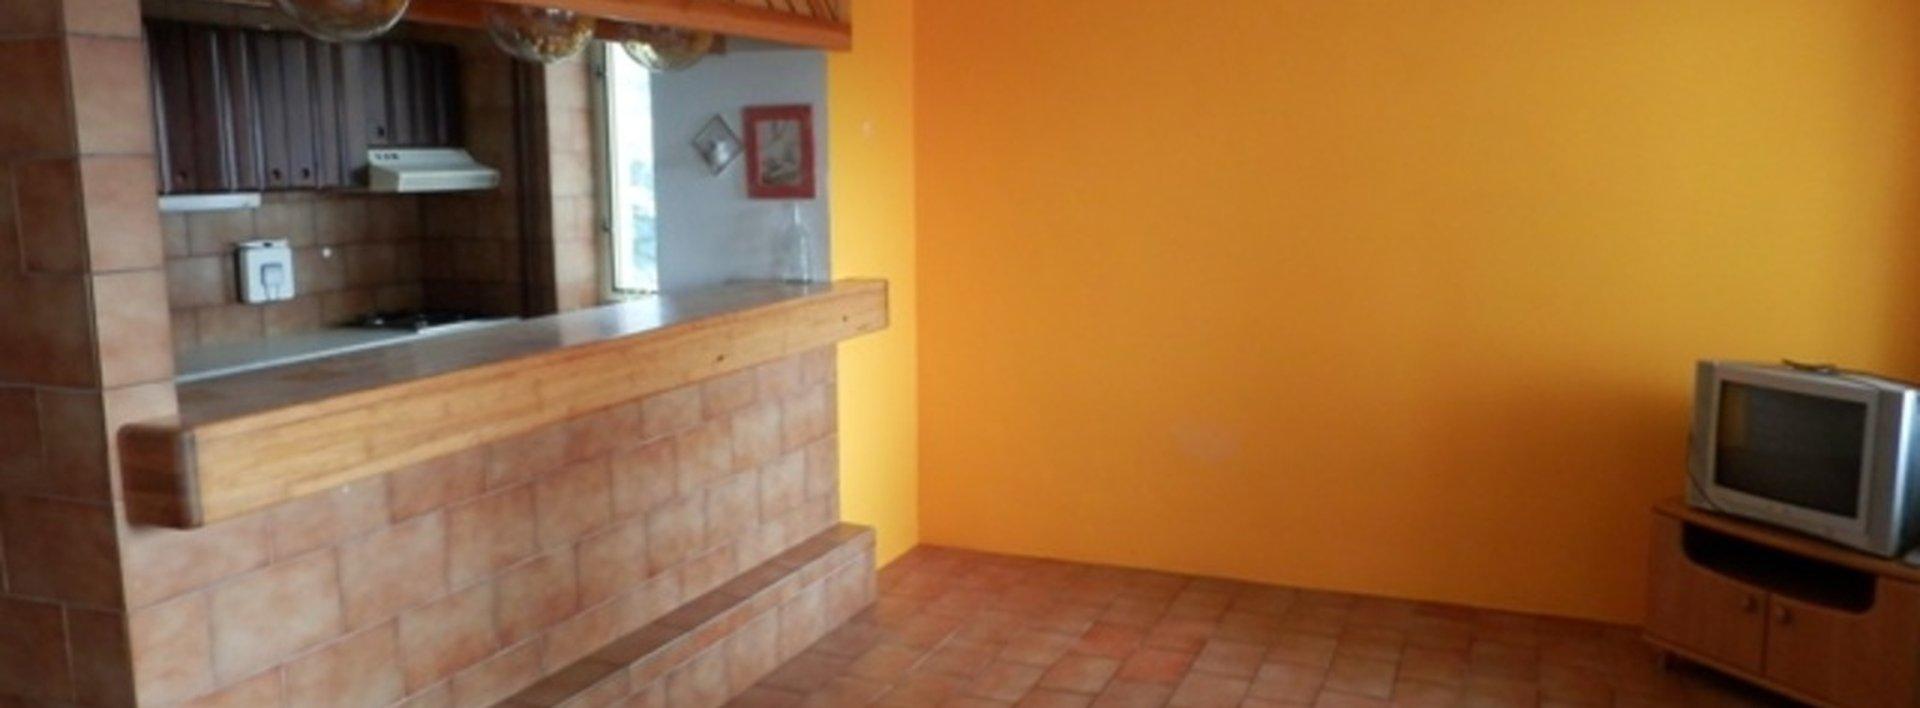 Pronájem pěkného bytu 4+1, 94m² (vhodné pro studenty), Ev.č.: N46448